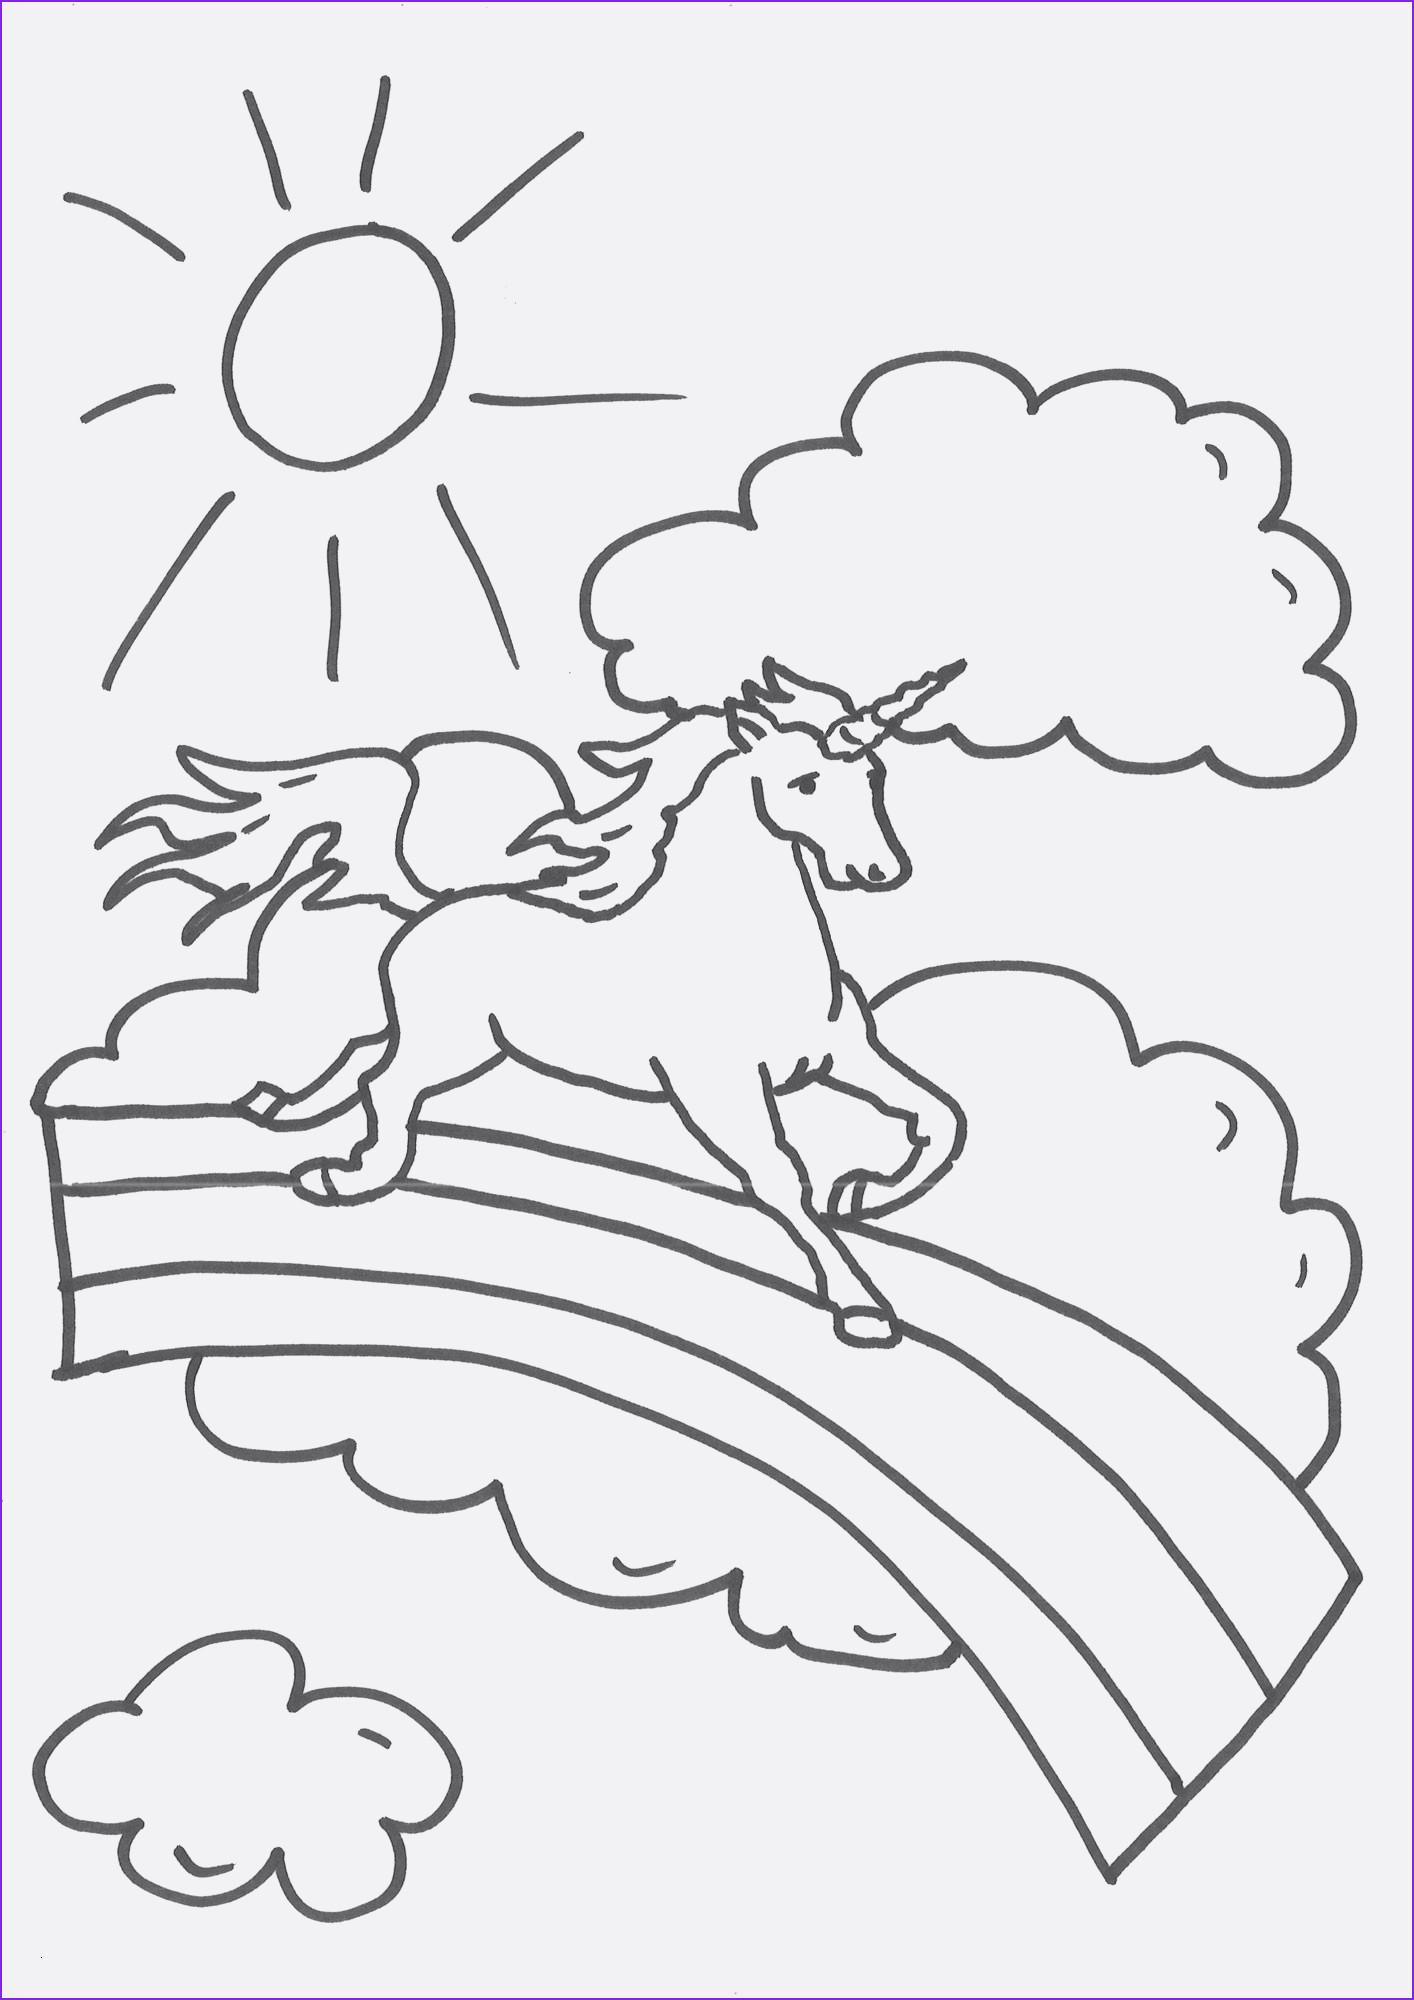 Ausmalbilder Einhorn Mit Fee Neu Einhorn Ausmalen Genial Einhorn Malvorlage Kinder Bilder Zum Stock